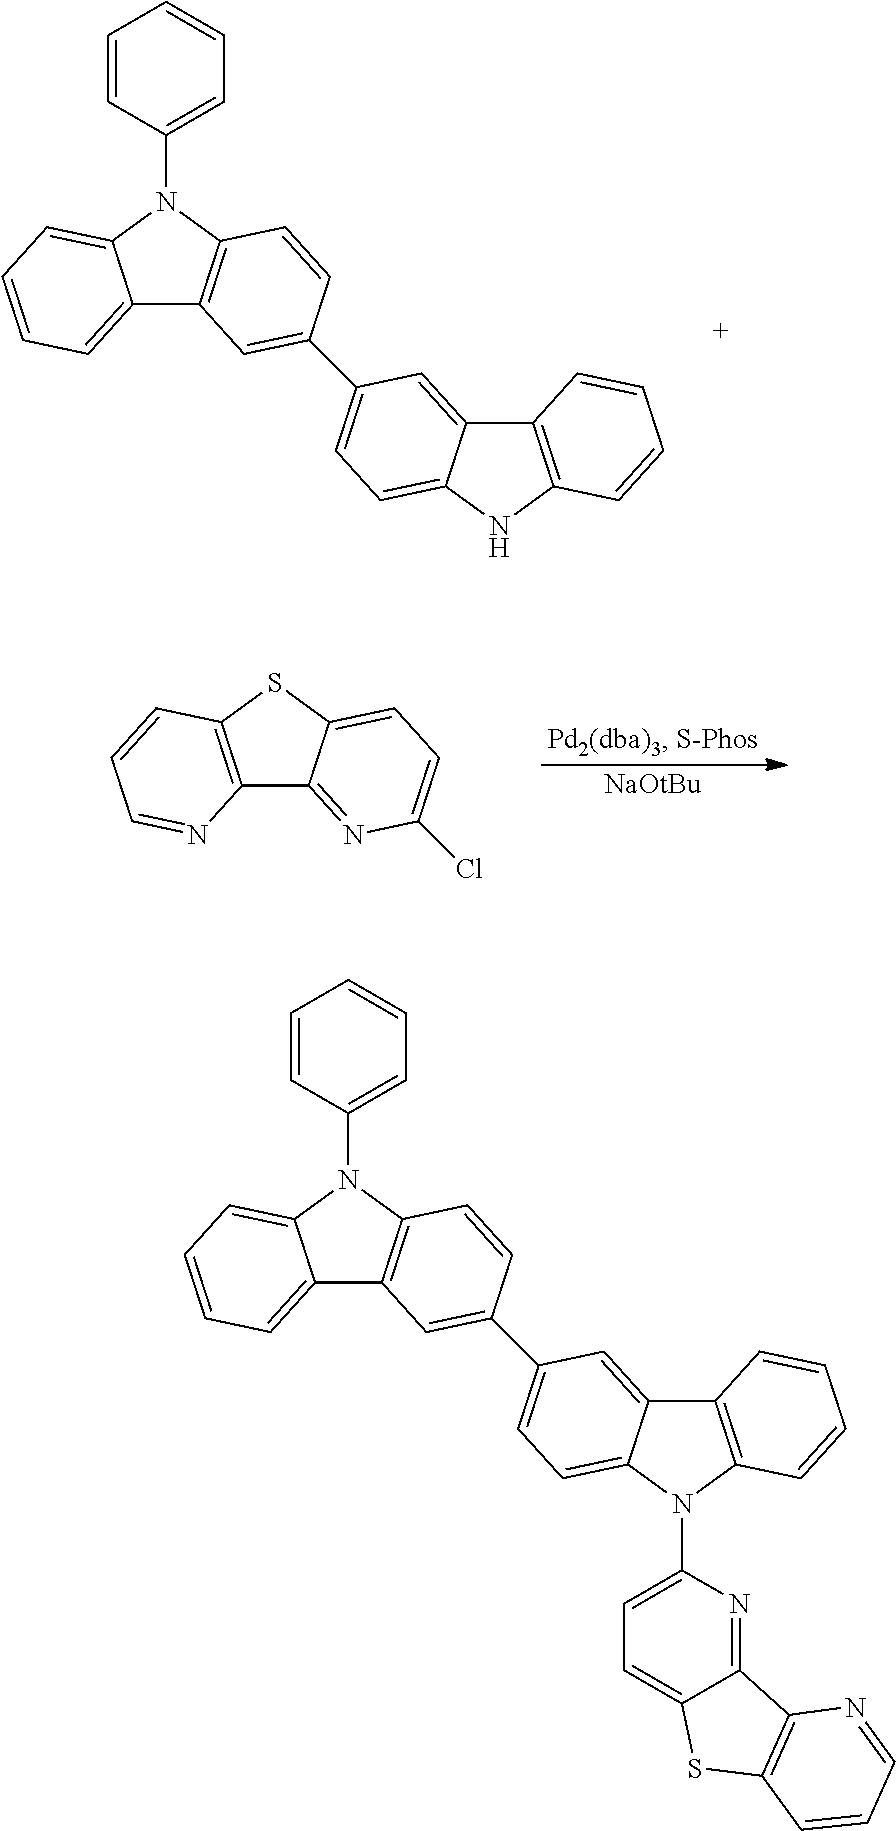 Figure US09553274-20170124-C00222